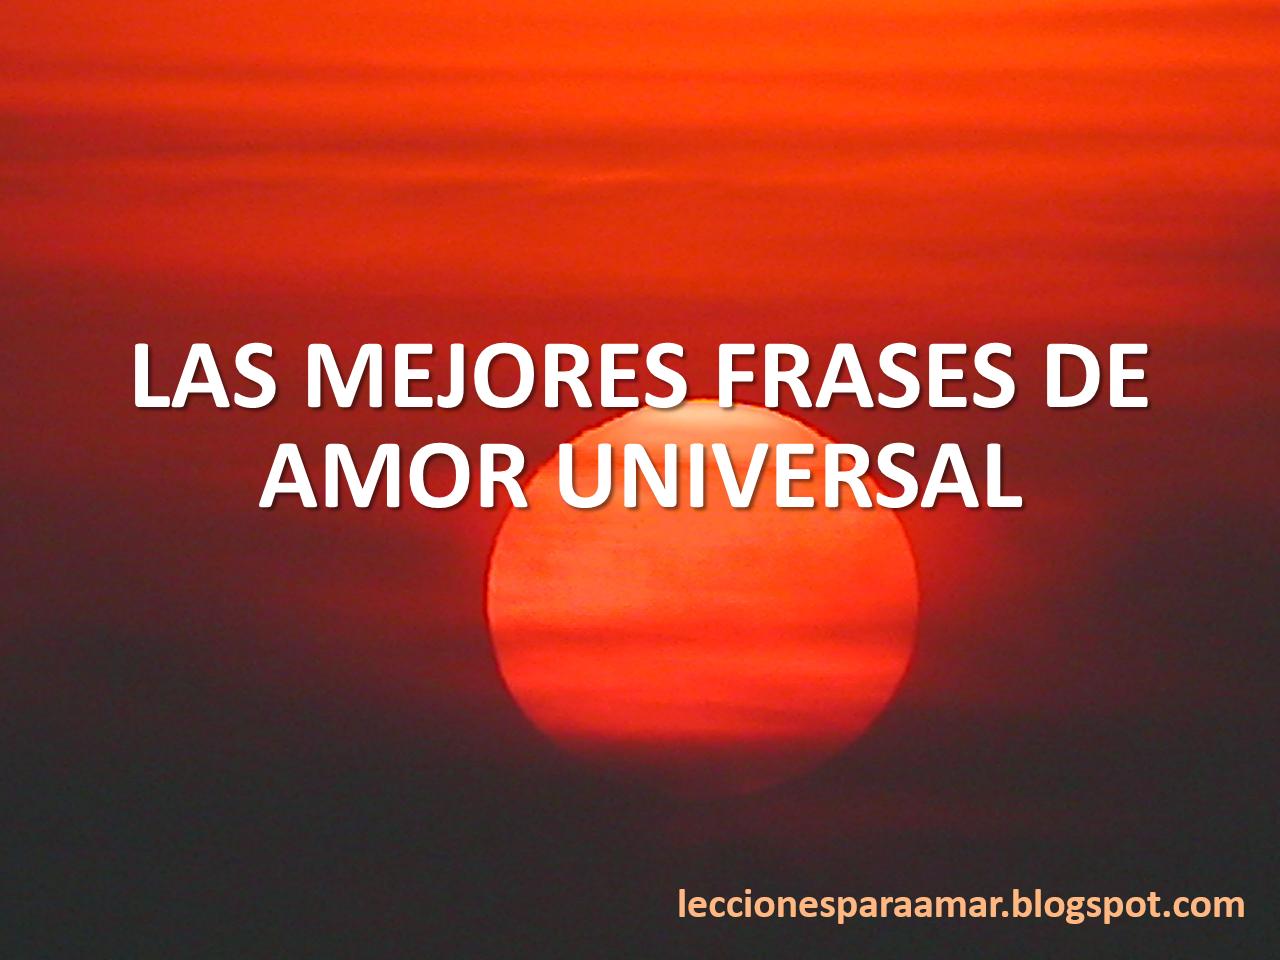 Lecciones Para Amar Frases Célebres De Amor Universal